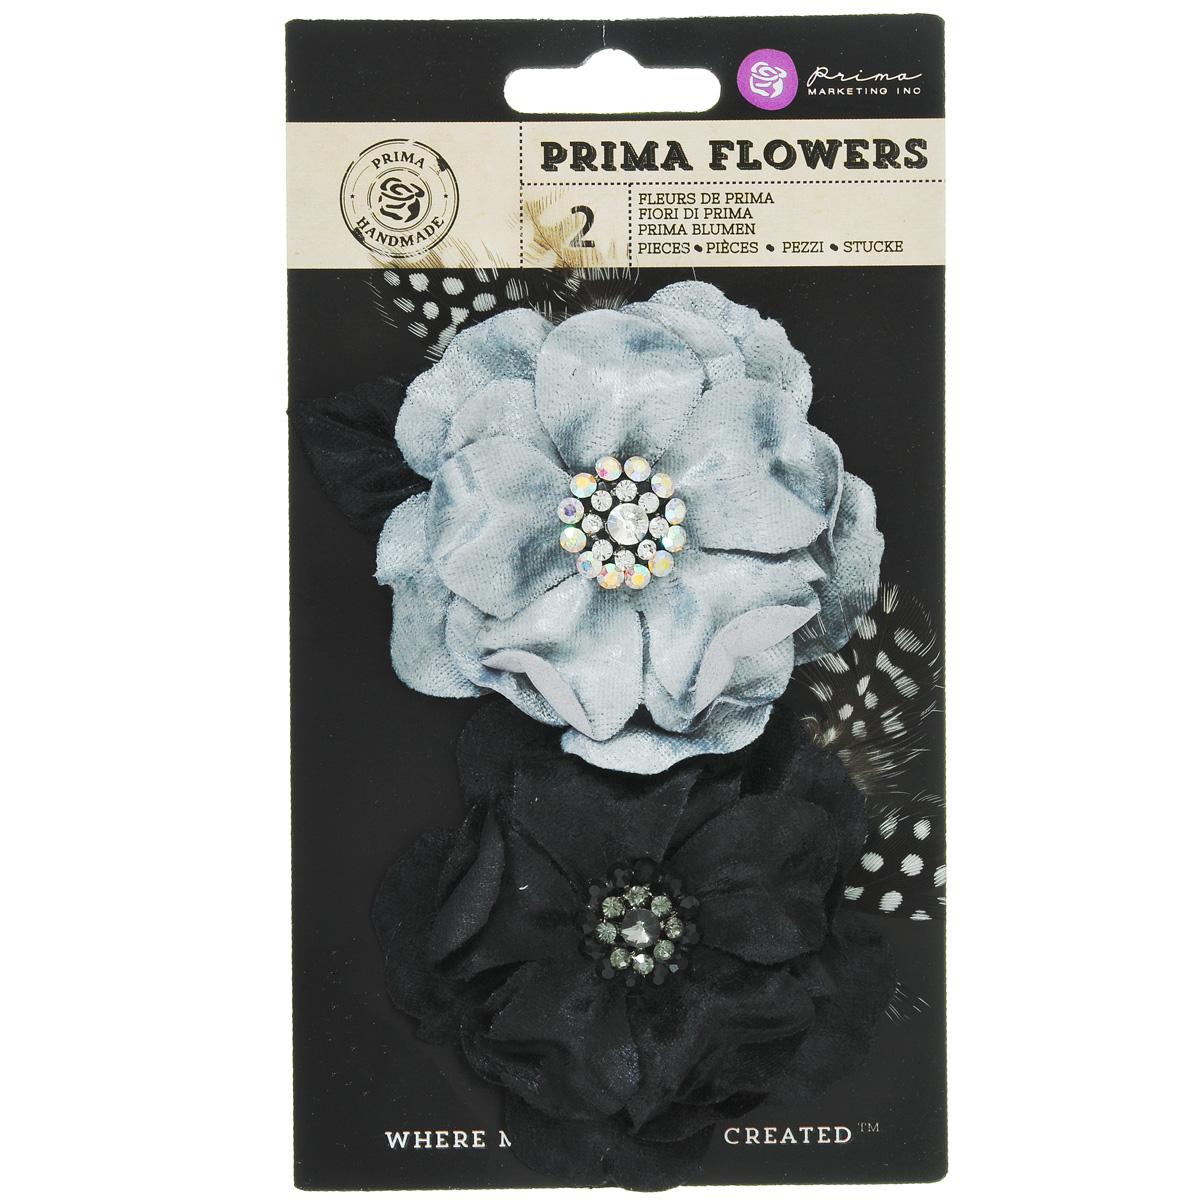 Декоративный элемент Prima Flowers Plume, цвет: черный, серый, 2 шт575526Набор Prima Flowers Plume, изготовленный из текстиля, состоит из двух декоративных элементов в виде цветков. Изделия, украшенные стразами и перьями, предназначены для декорирования. Цветы идеально подойдут для свадебных, винтажных творческих работ, изготовления украшений для волос, фотоальбомов, дневников, блокнотов. Они могут пригодиться в оформлении одежды, предметов интерьера, подарков, а также в скрапбукинге. Диаметр: 8 см.